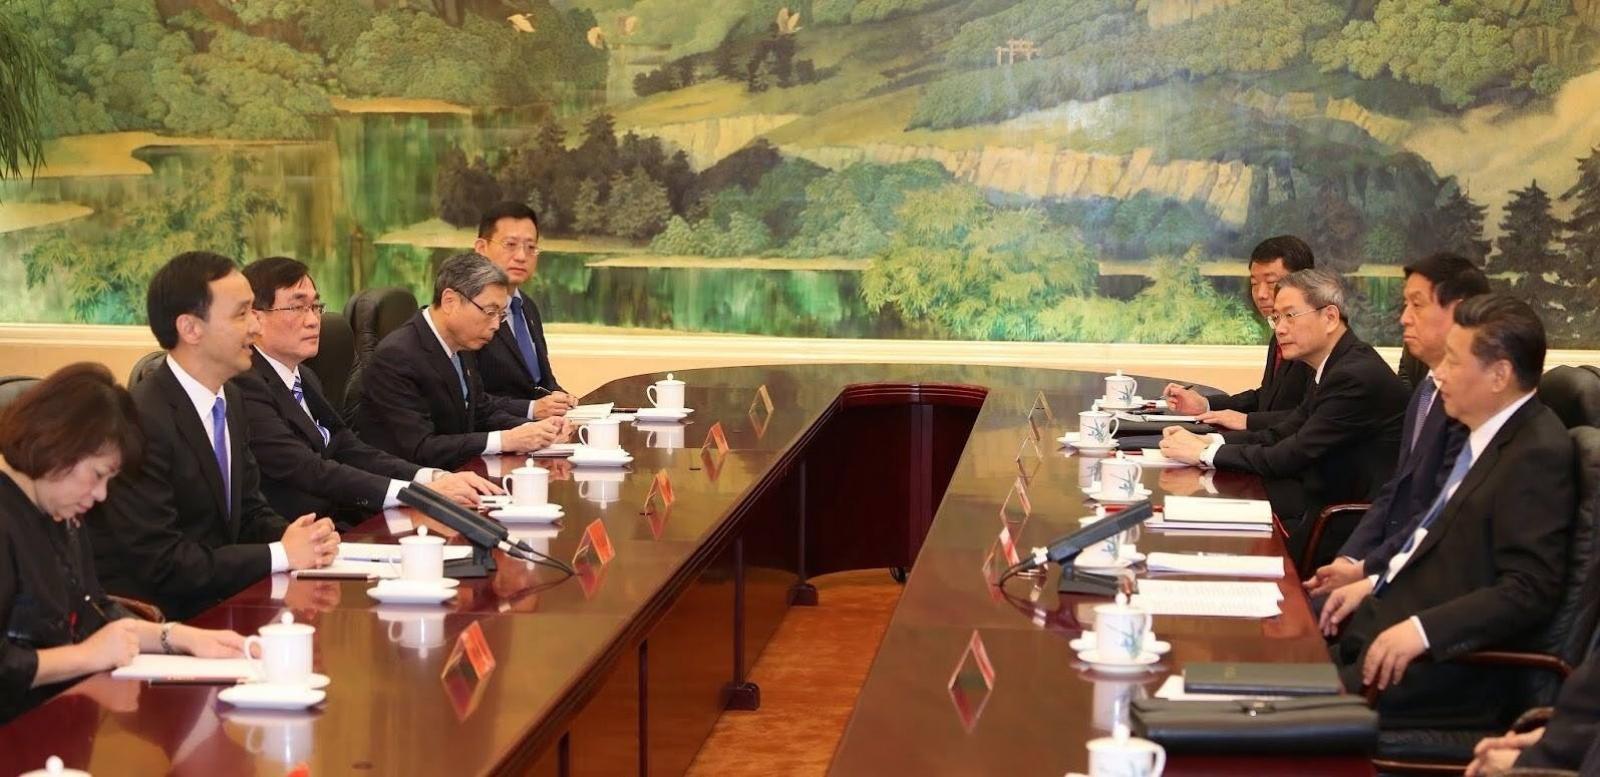 【施威全觀點】國民黨應該提出以中華民國為前提的兩岸論述